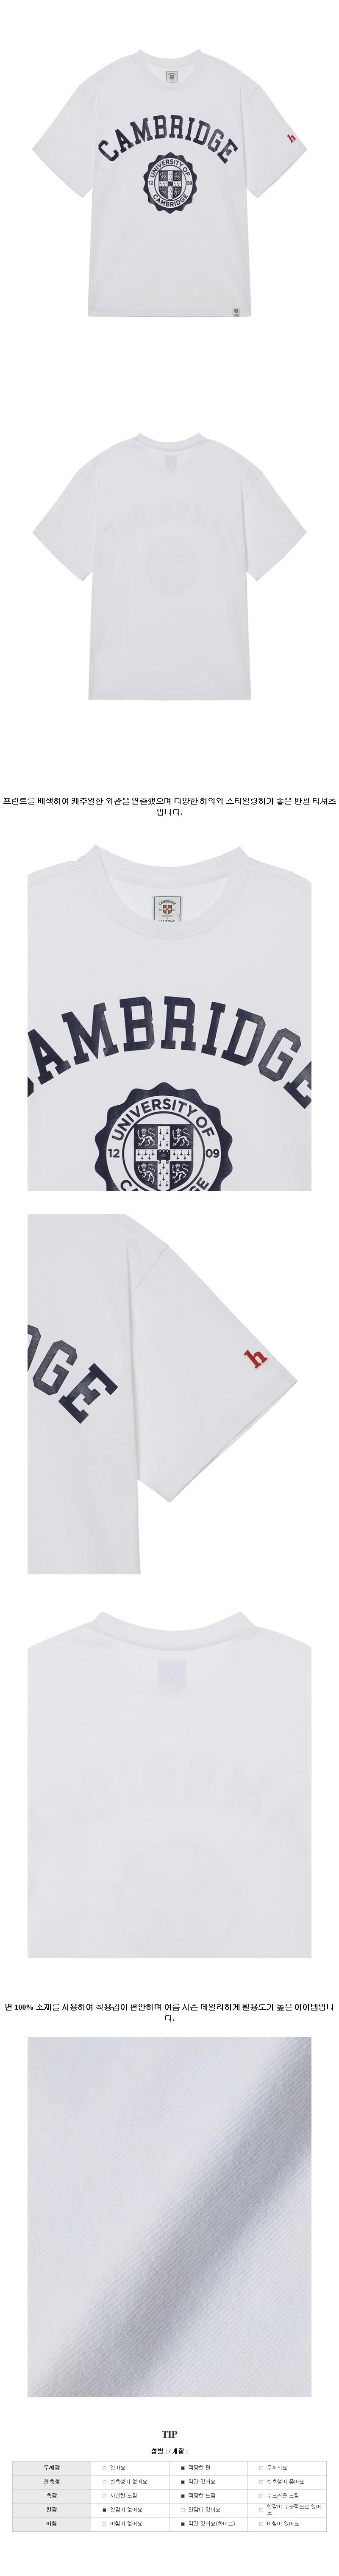 헤지스(HAZZYS) [HIS X CAMBRIDGE]화이트 레터링 솔리드 반팔 티셔츠